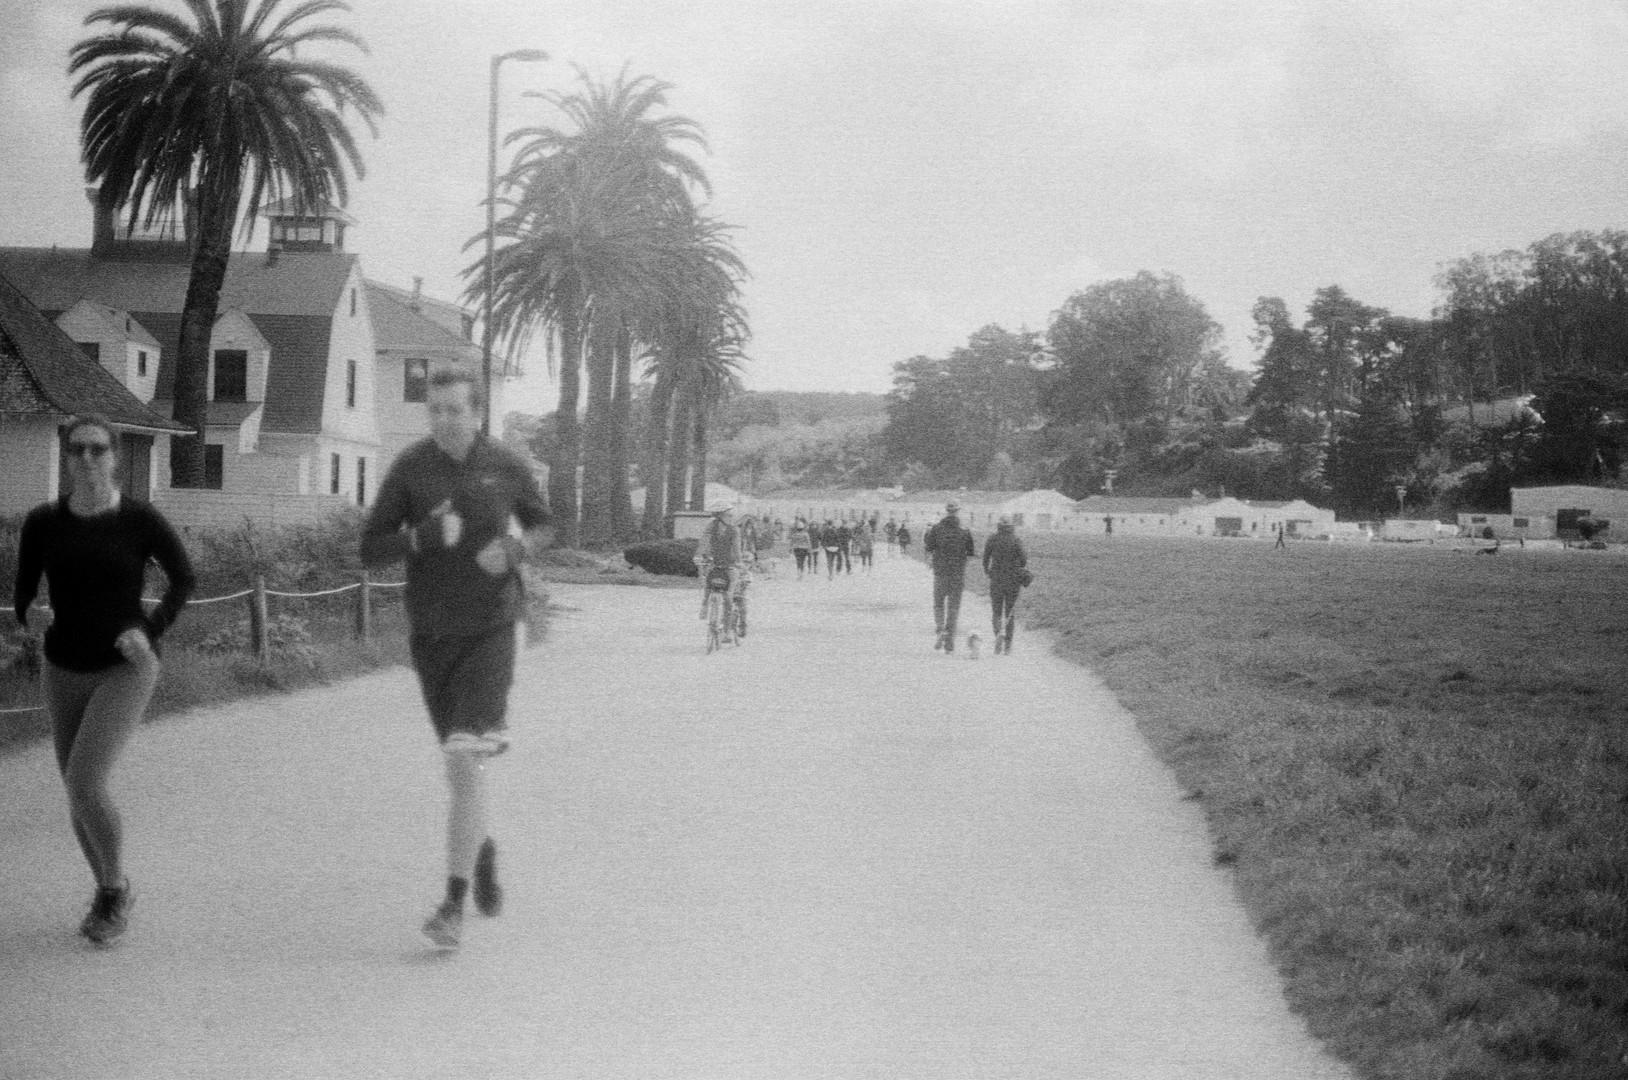 Runners_In_San_Francisco-13.jpg